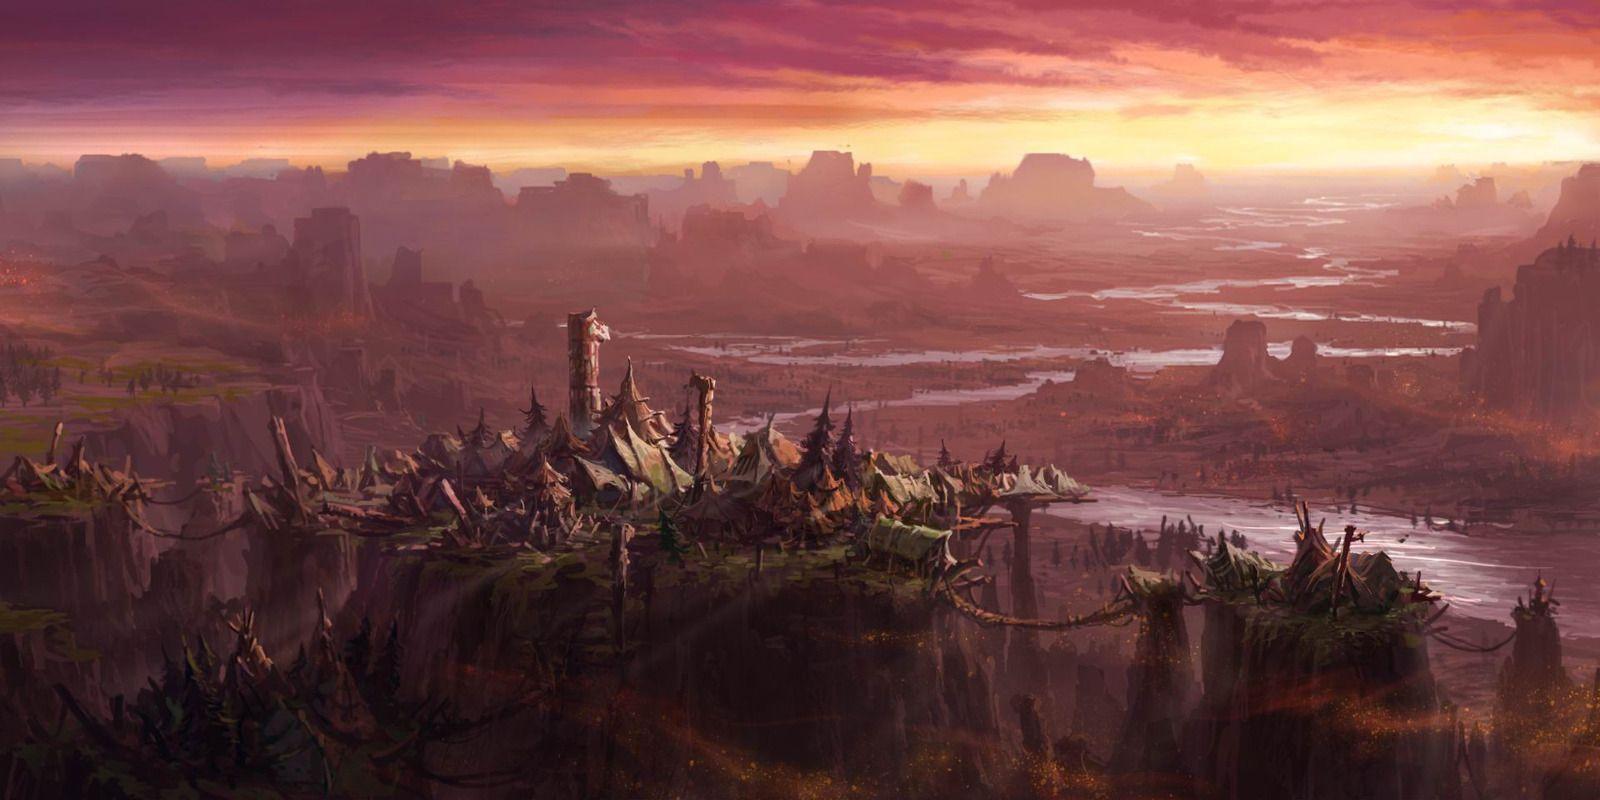 Landscape Computer Wallpapers Desktop Backgrounds 1600x800 Id 400140 Landscape Wallpaper World Of Warcraft Wallpaper Fantasy Landscape